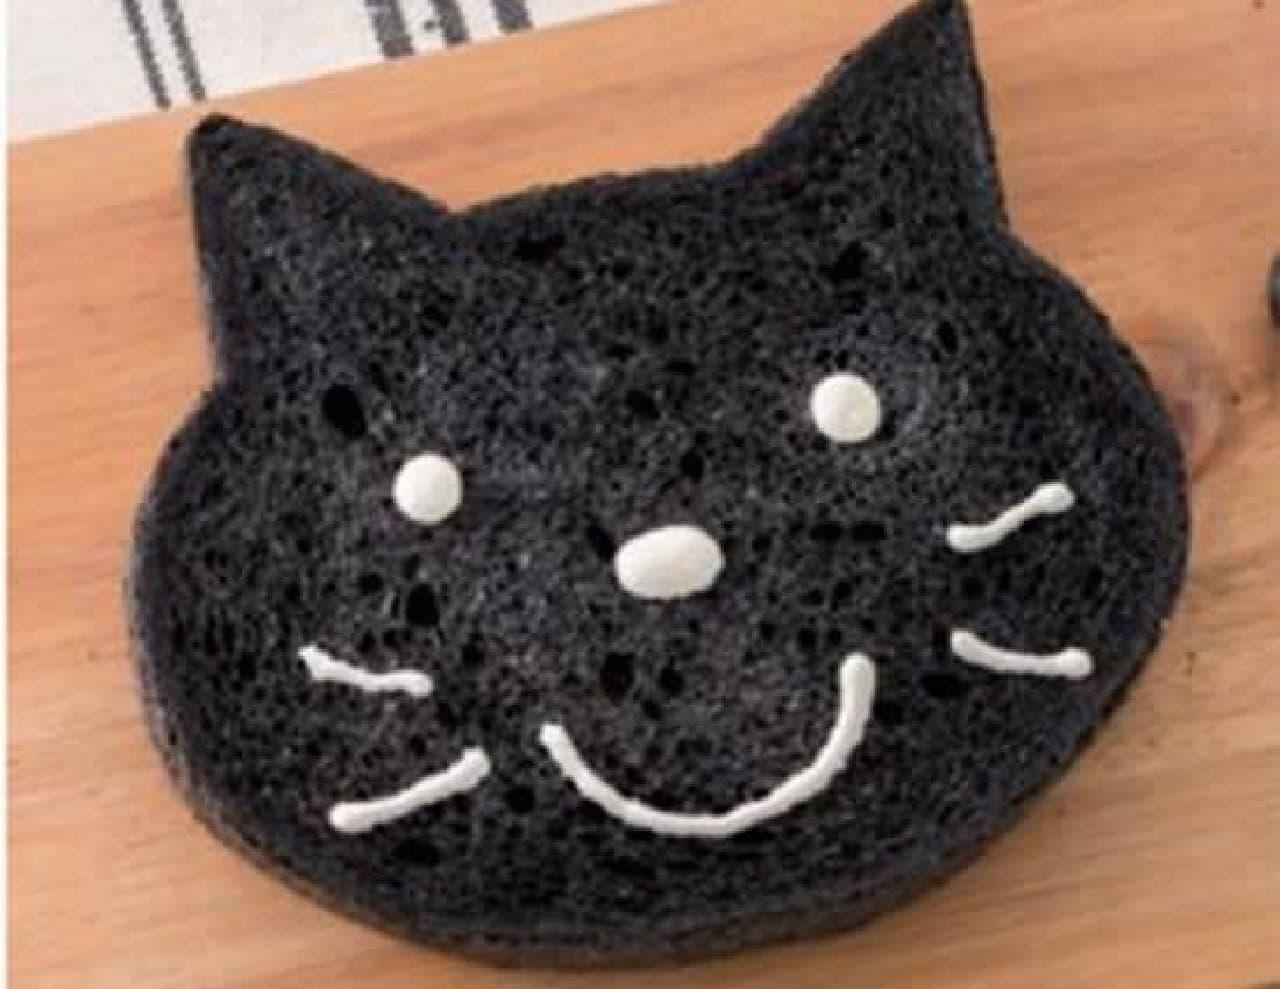 「いろねこ食パン(くろ)」は竹炭パウダーを練り込み焼きあげられた黒いパン